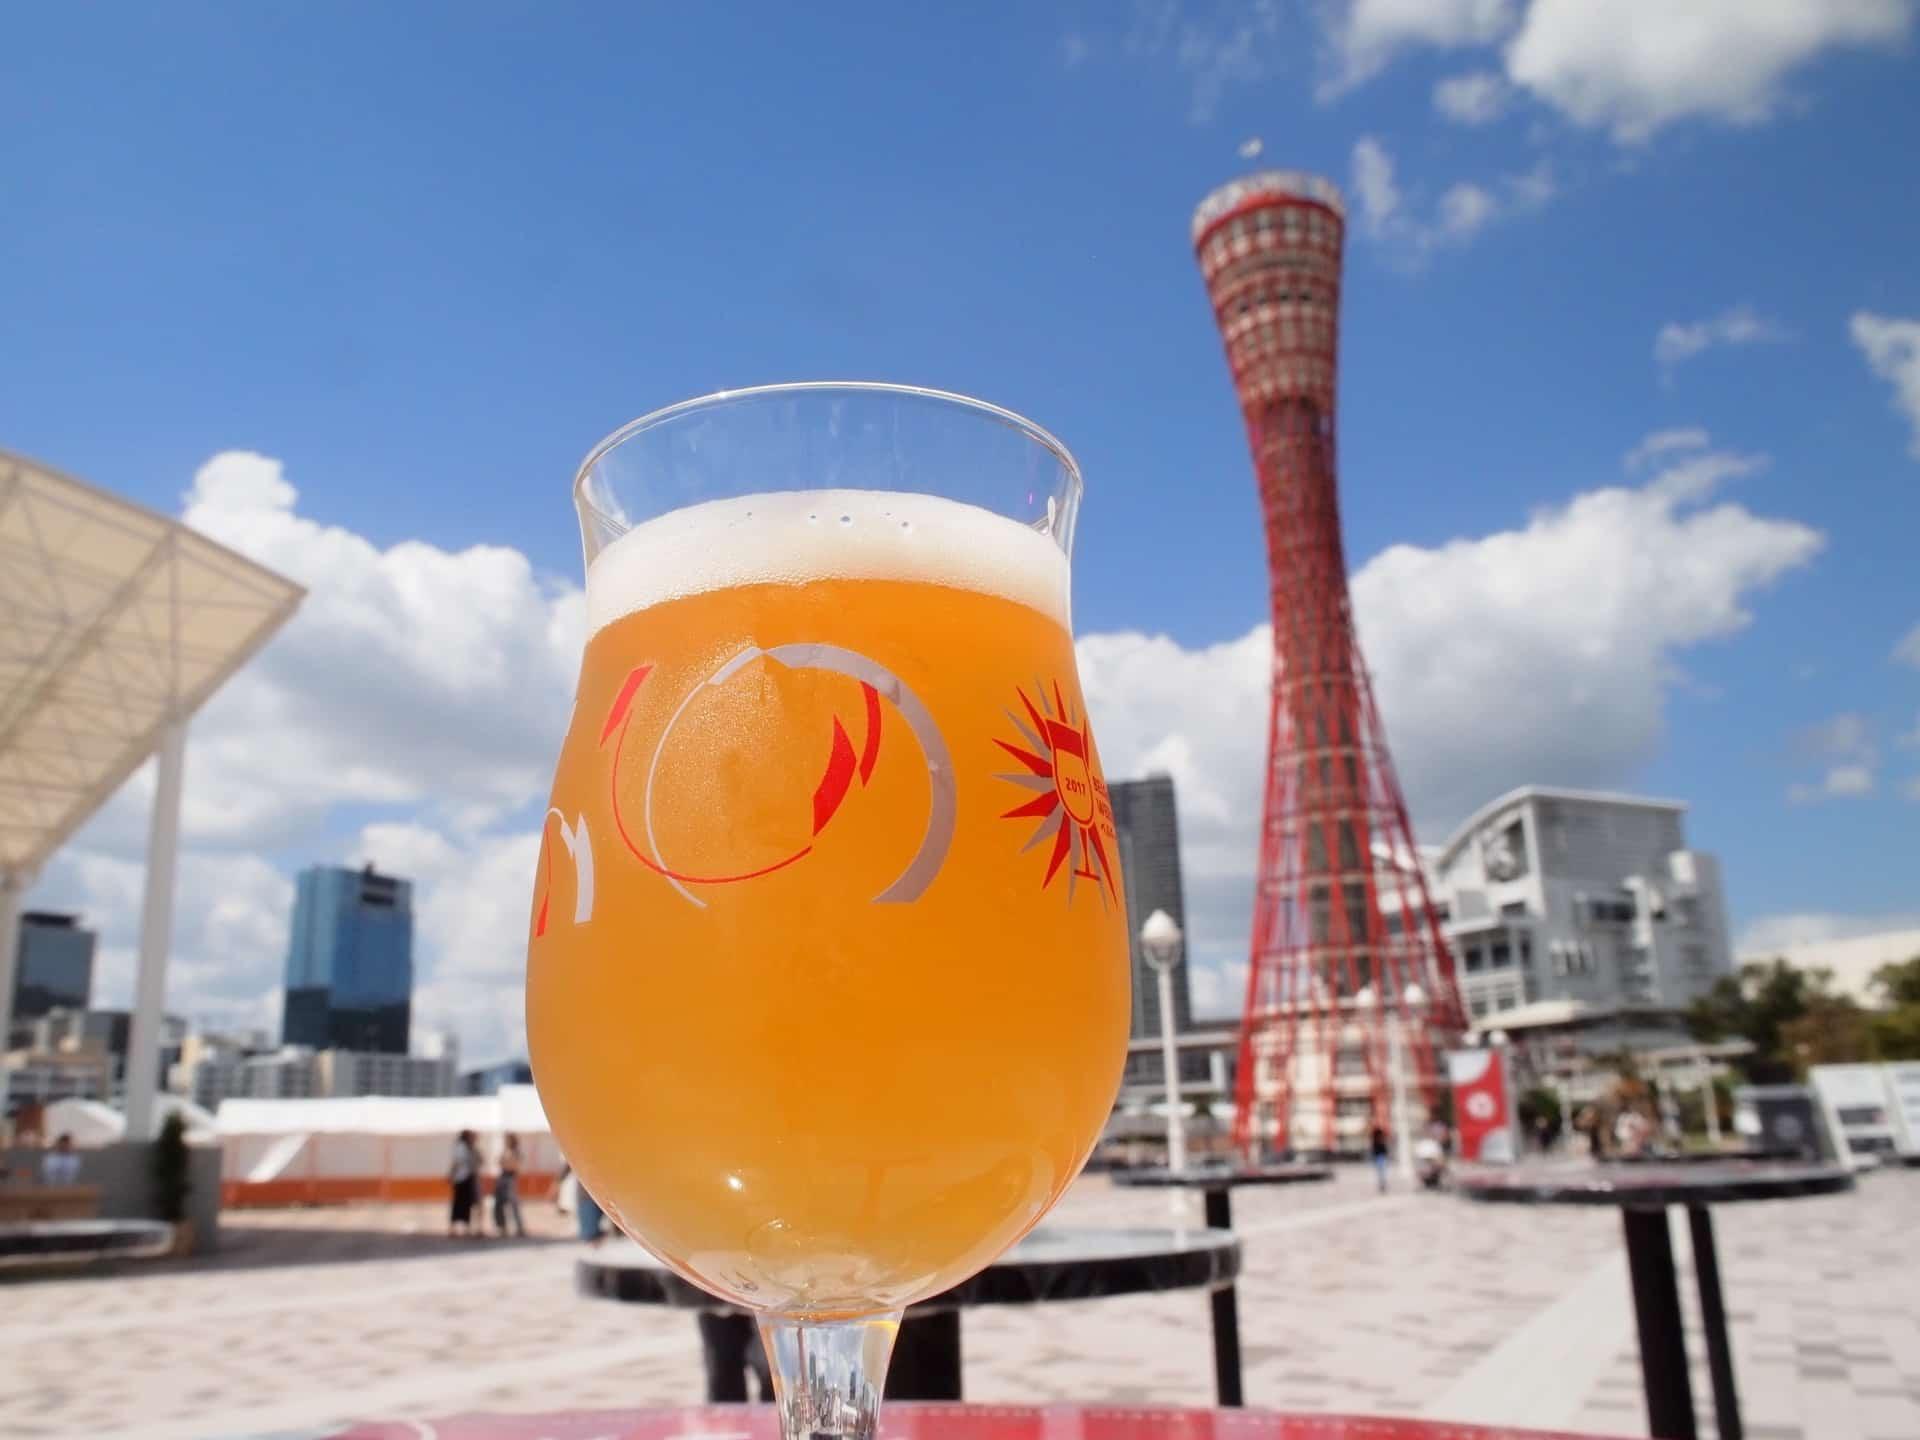 ベルギービールウィークエンド2018@神戸!ビールが苦手な人でも楽しめる美味しいイベント